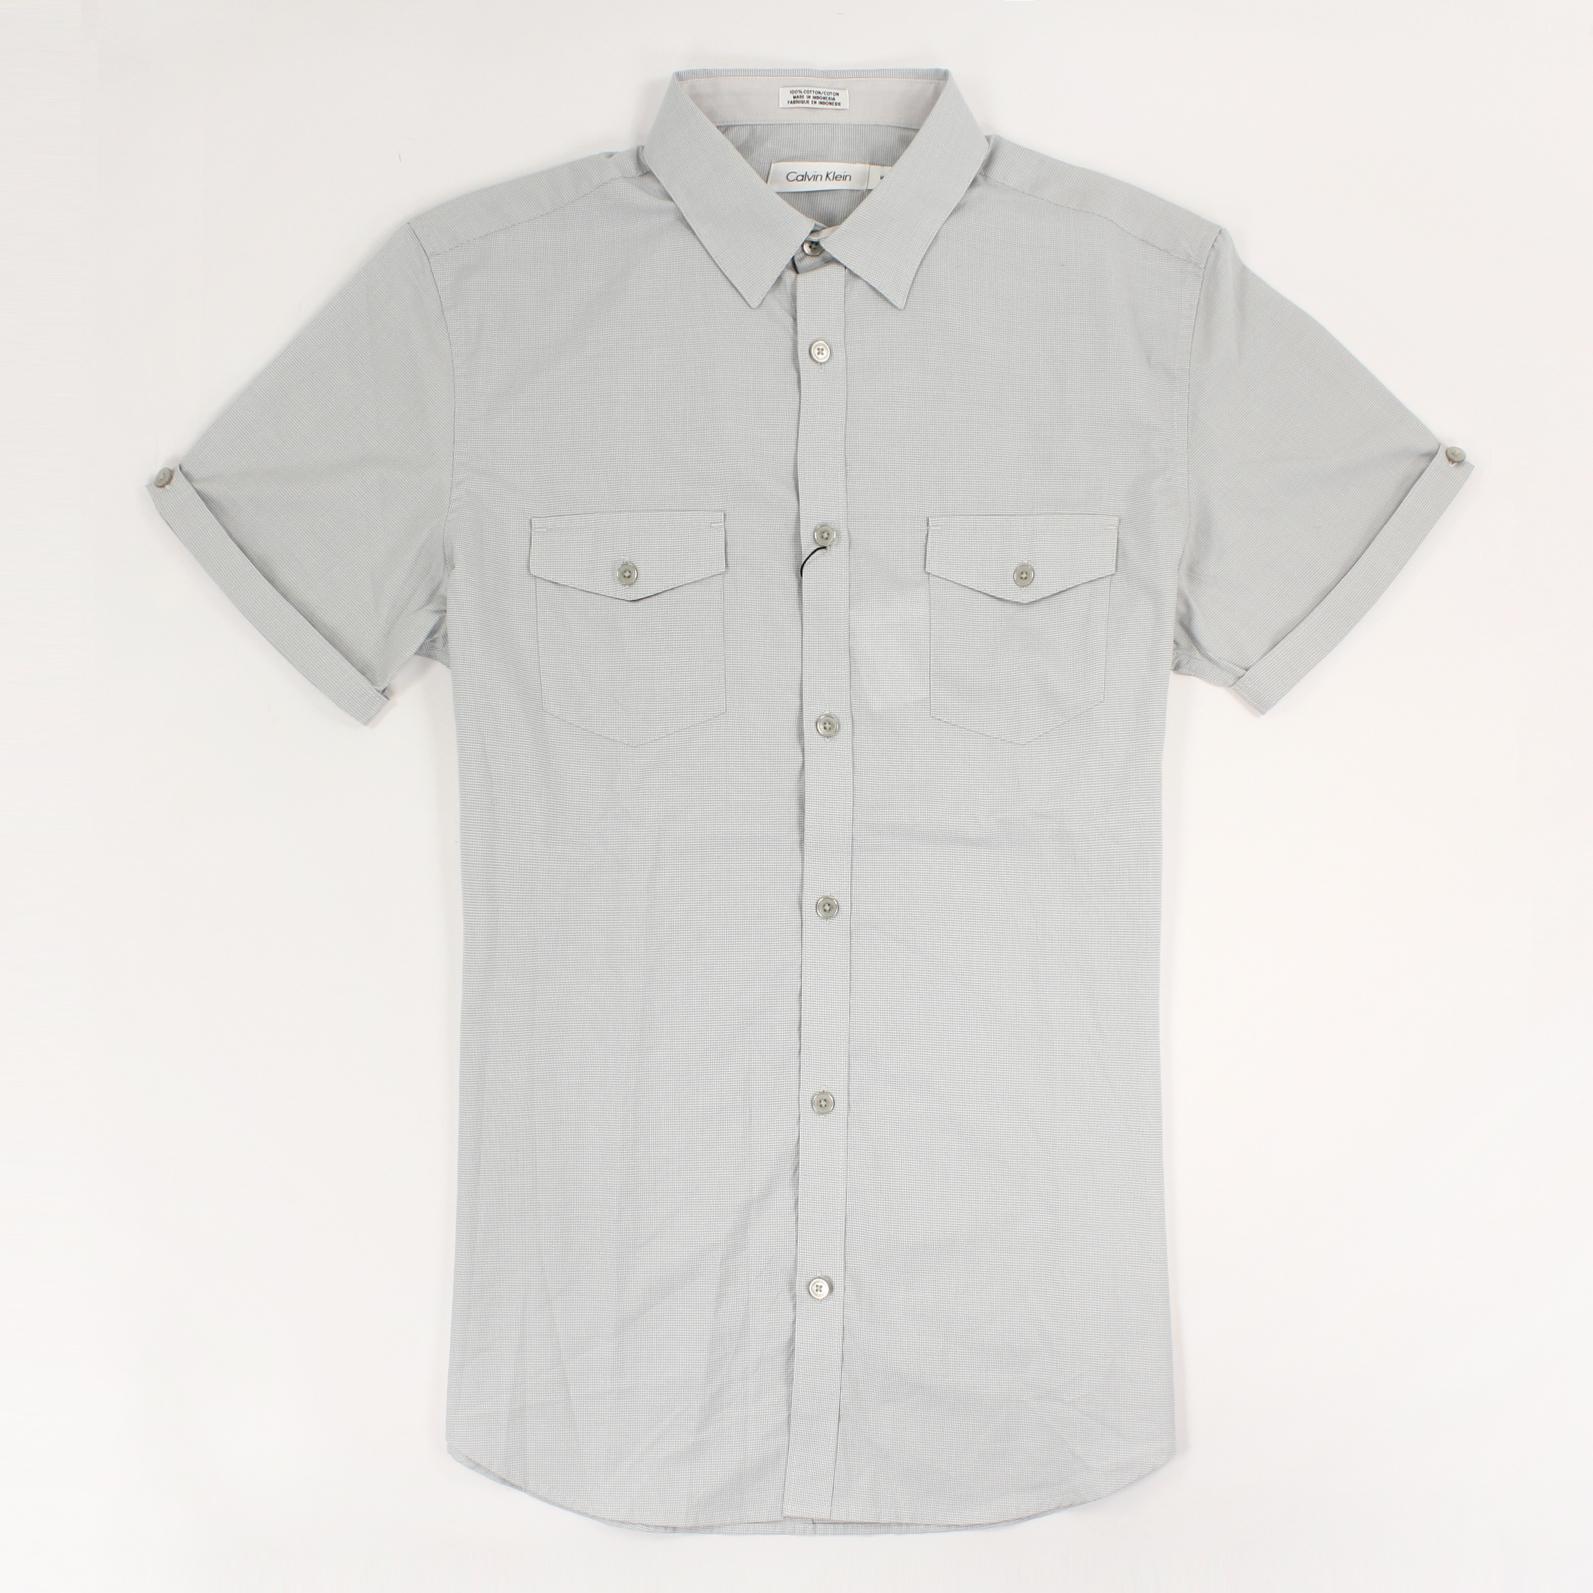 美國百分百【全新真品】Calvin Klein 襯衫 CK 男衣 短袖 格紋 休閒 上衣 M號 灰色 E199